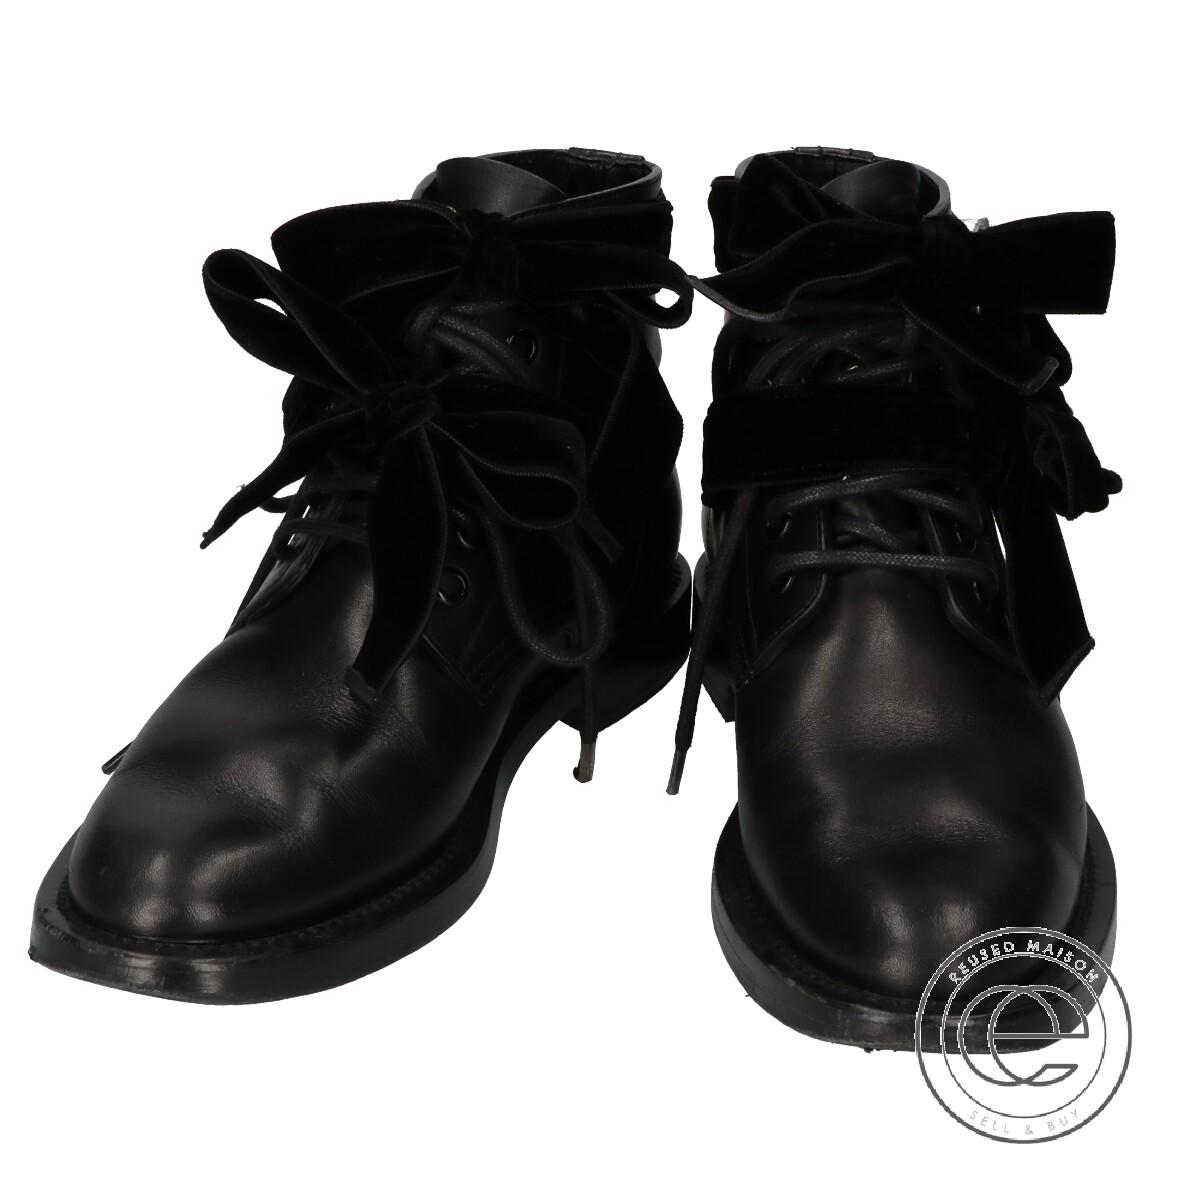 SAINT LAURENT PARIS サンローランパリ スタッズベロアリボン ワークブーツ 36 ブラック レディース【中古】